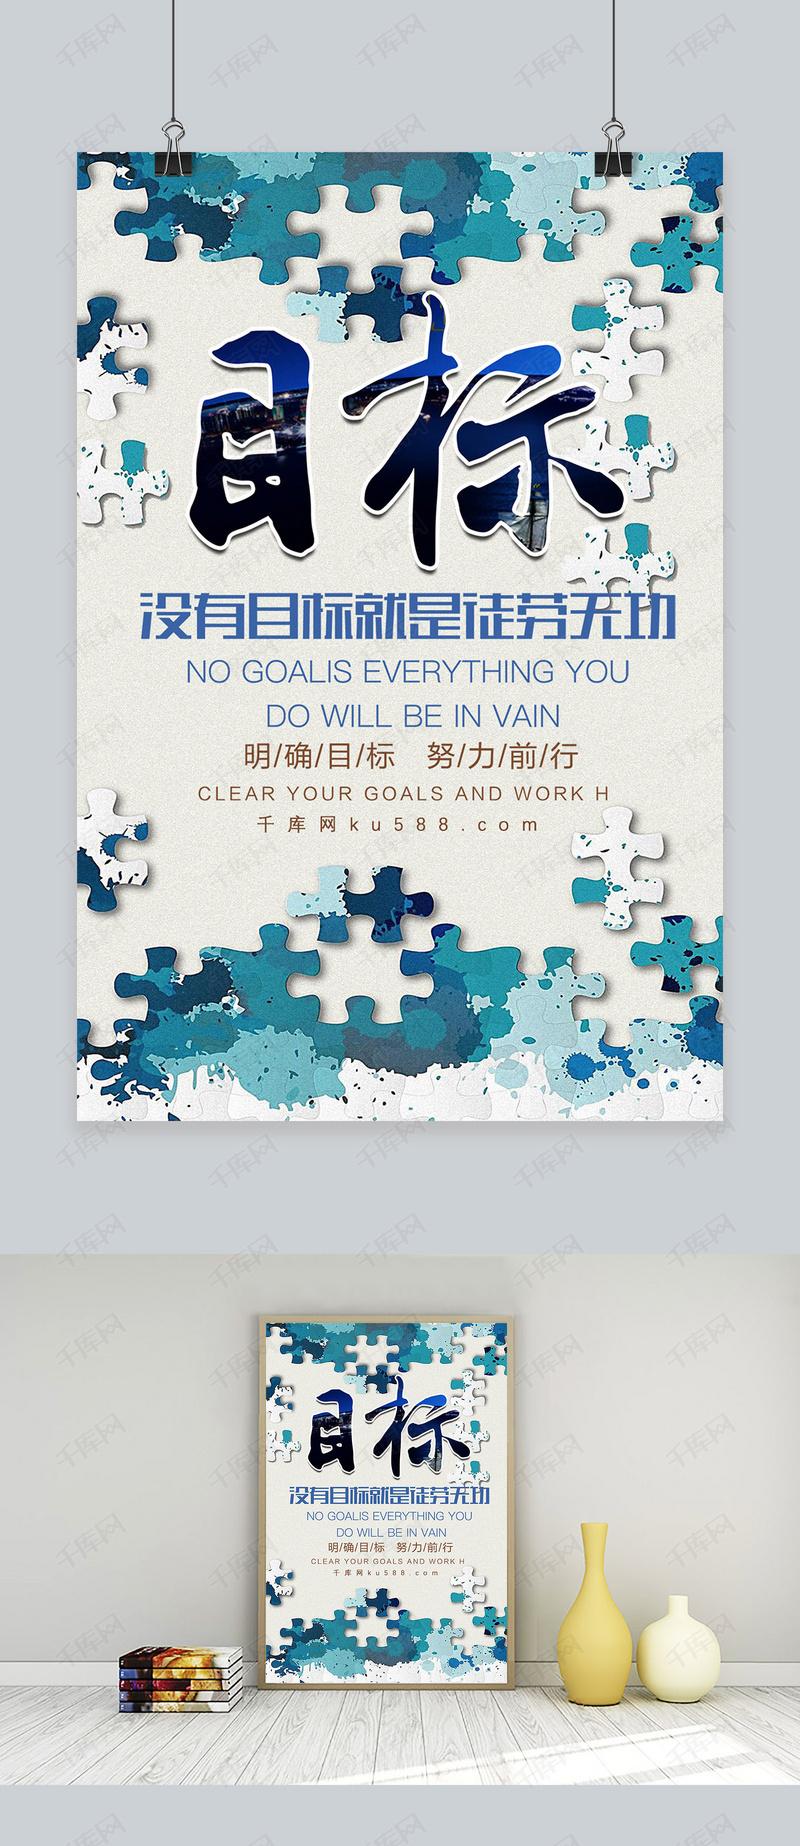 千库原创企业文化梦想目标宣传海报